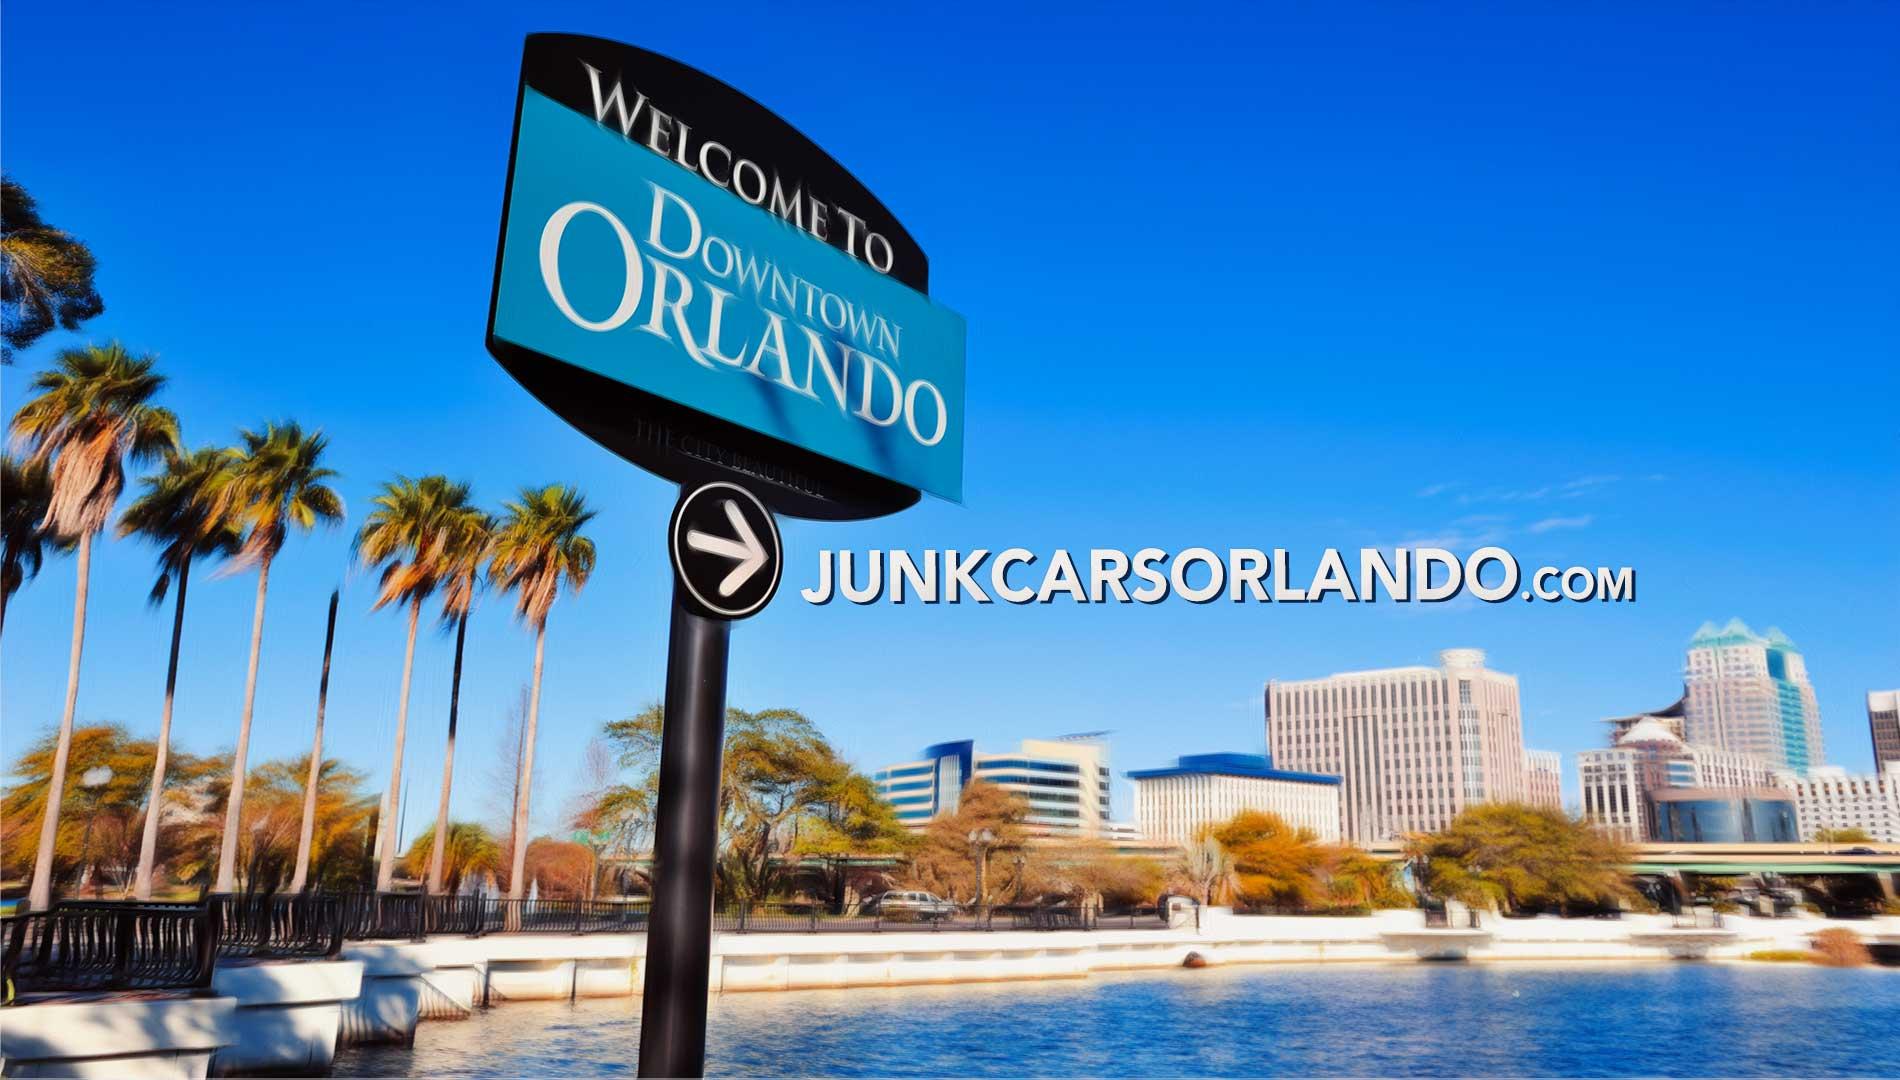 Downtown Orlando, Fl | JunkCarsOrlando.com